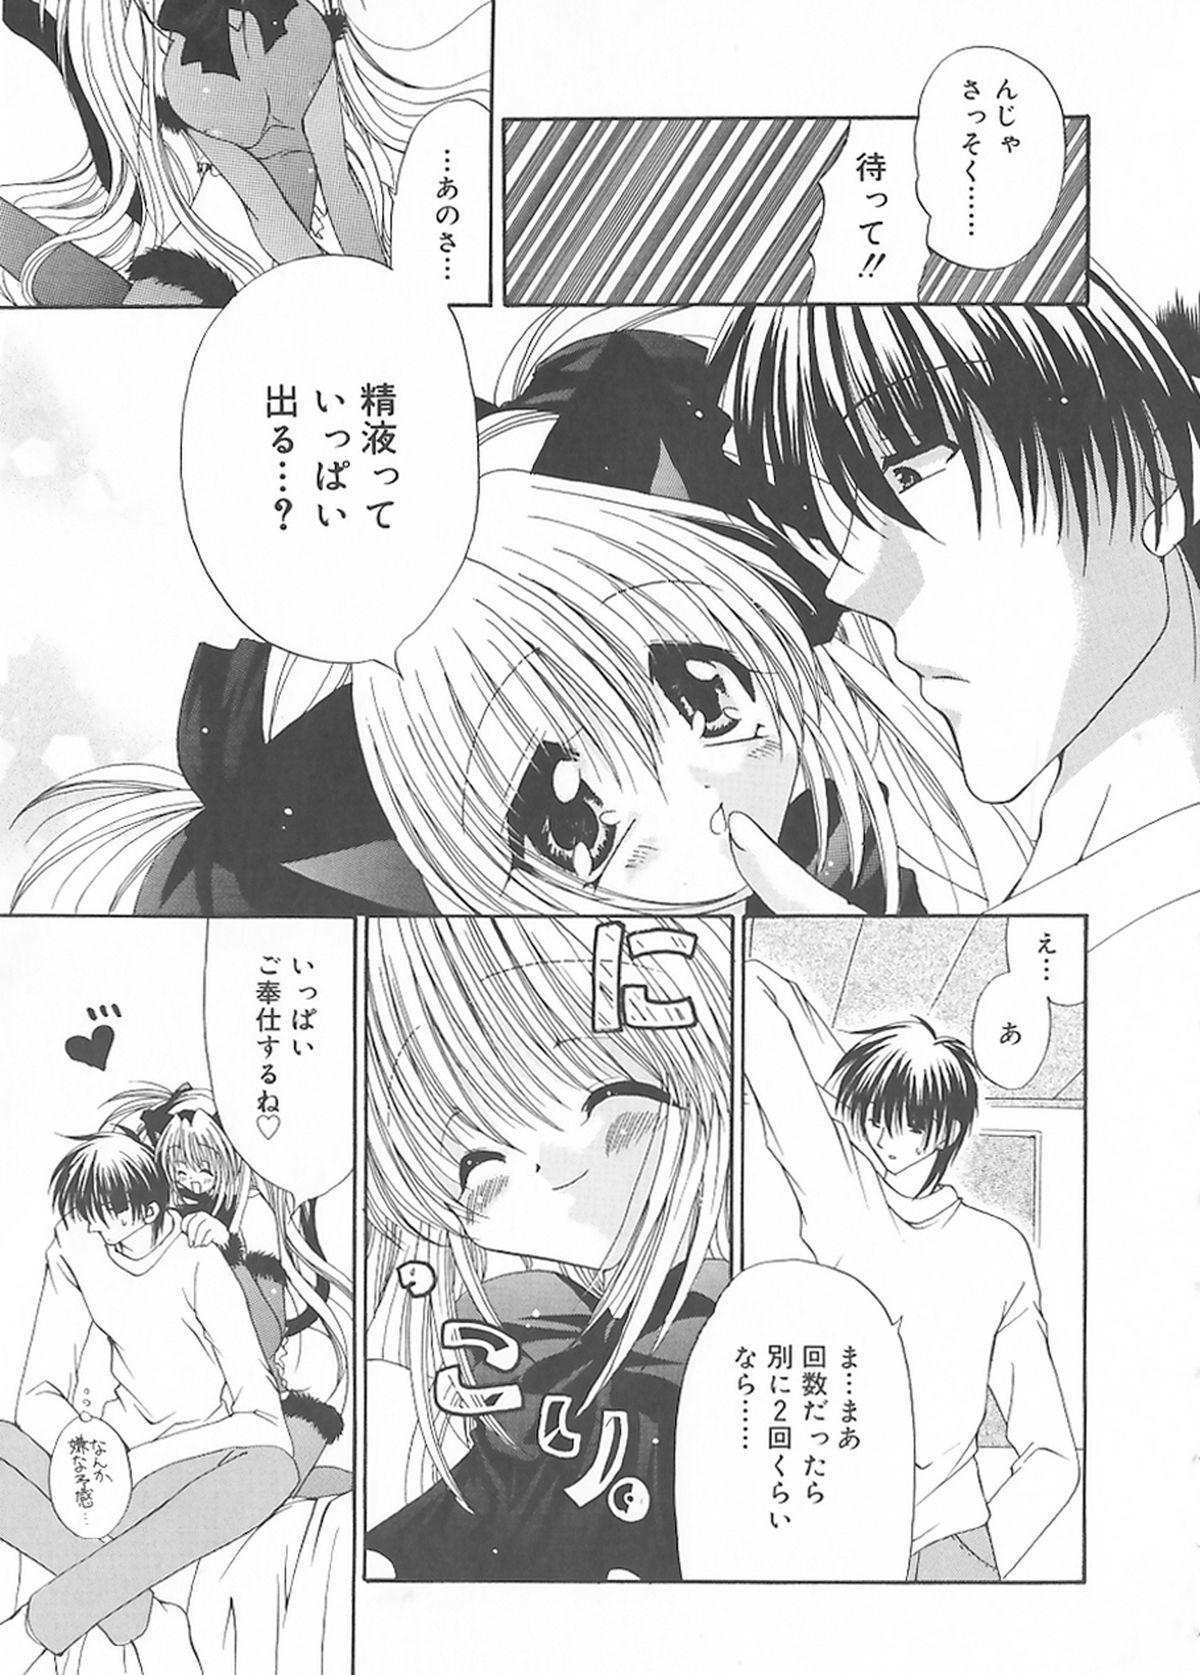 Cream Tengoku - Shinsouban 104